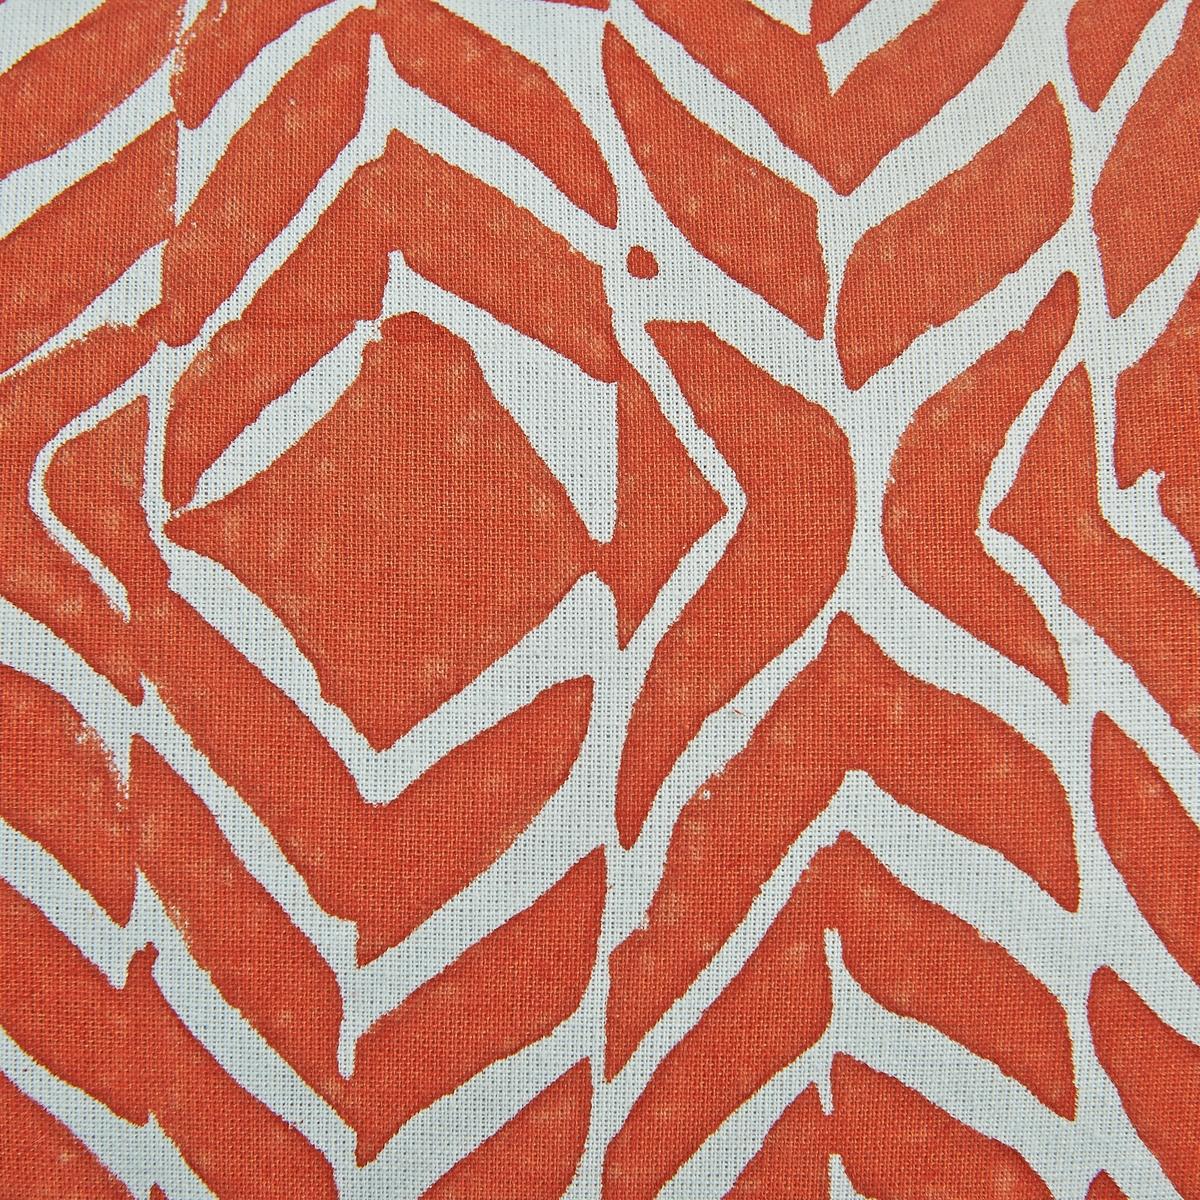 Чехол для подушки ZivotineЧехол для подушки с бахромой. Застежка на молнию Материал :- 100% хлопок.Размер :- 50 x 30 см.<br><br>Цвет: оранжевый